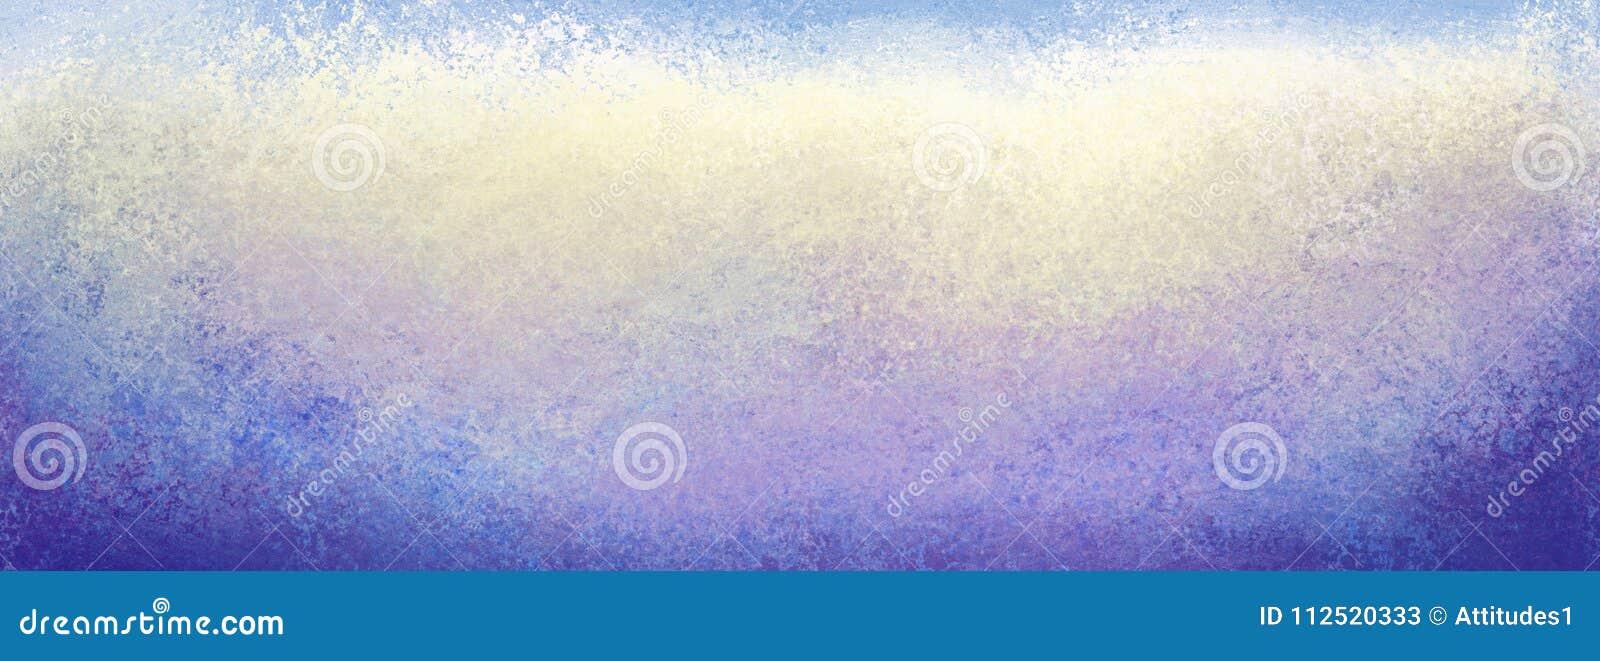 Grunge błękita i purpur błękitny żółty biały tło z udziałami,